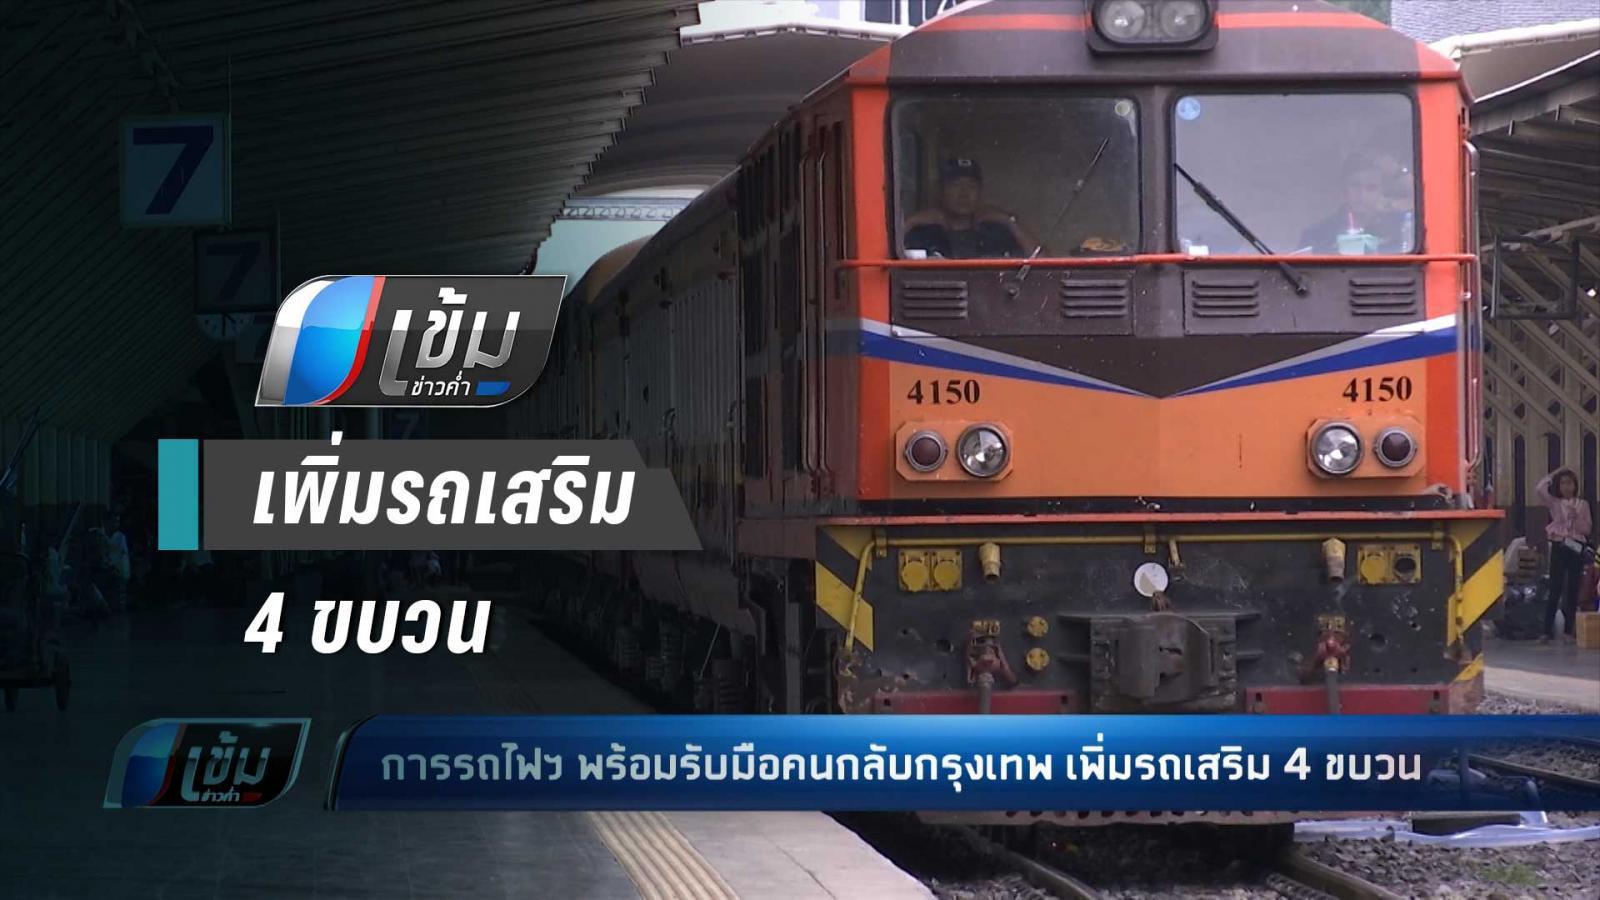 การรถไฟฯ เพิ่ม ' 4 ขบวนรถพิเศษ' รองรับประชาชนเดินทางกลับ